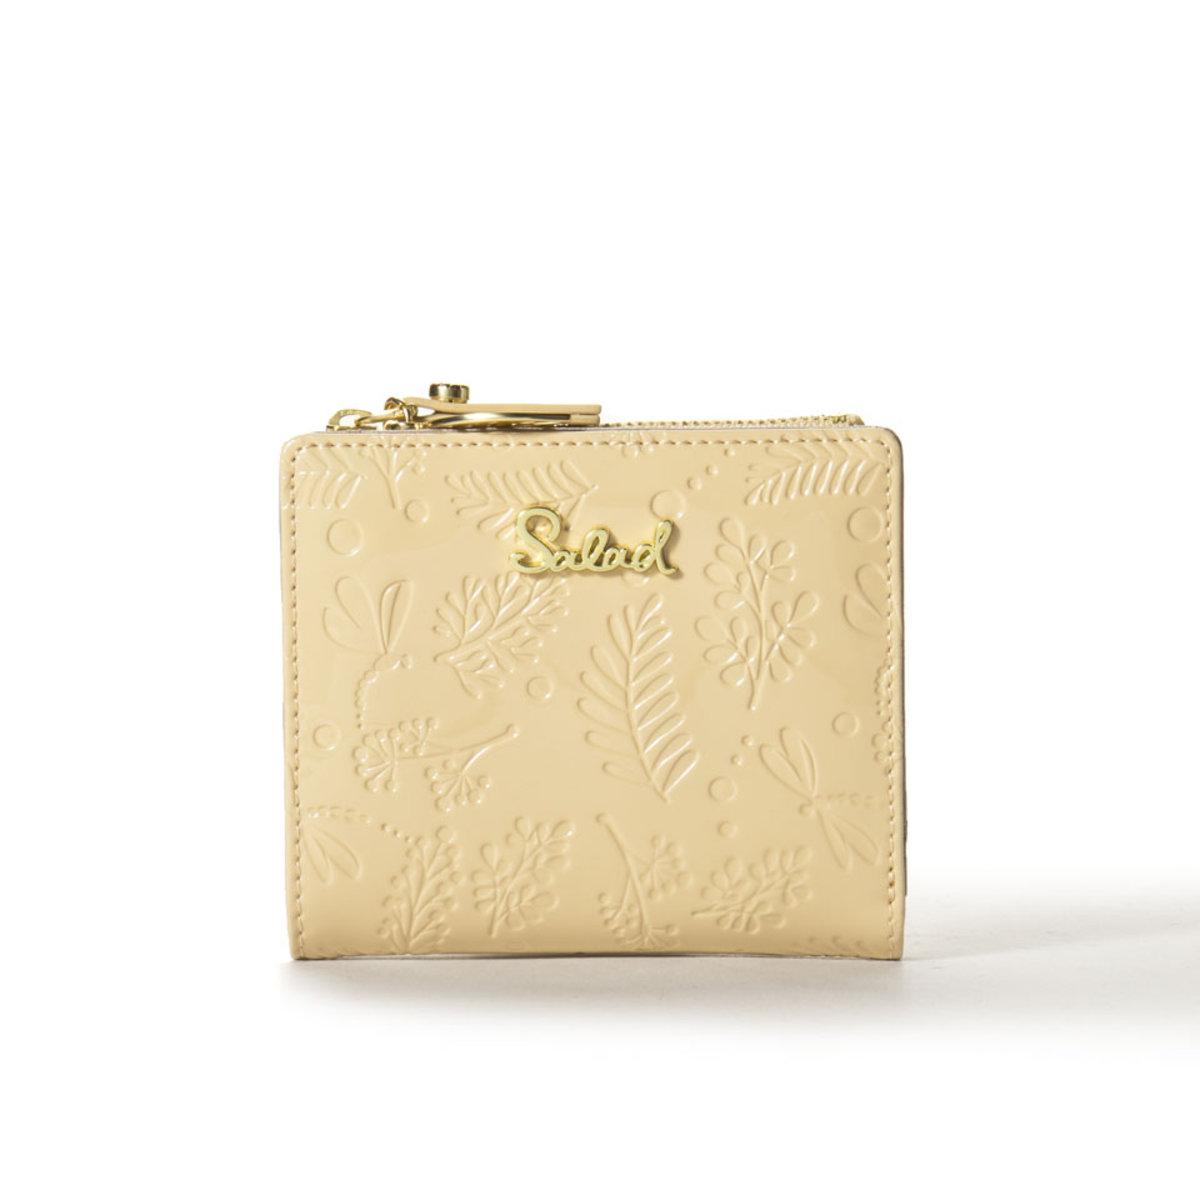 9484d3720c6fd Salad Short Leather Wallet